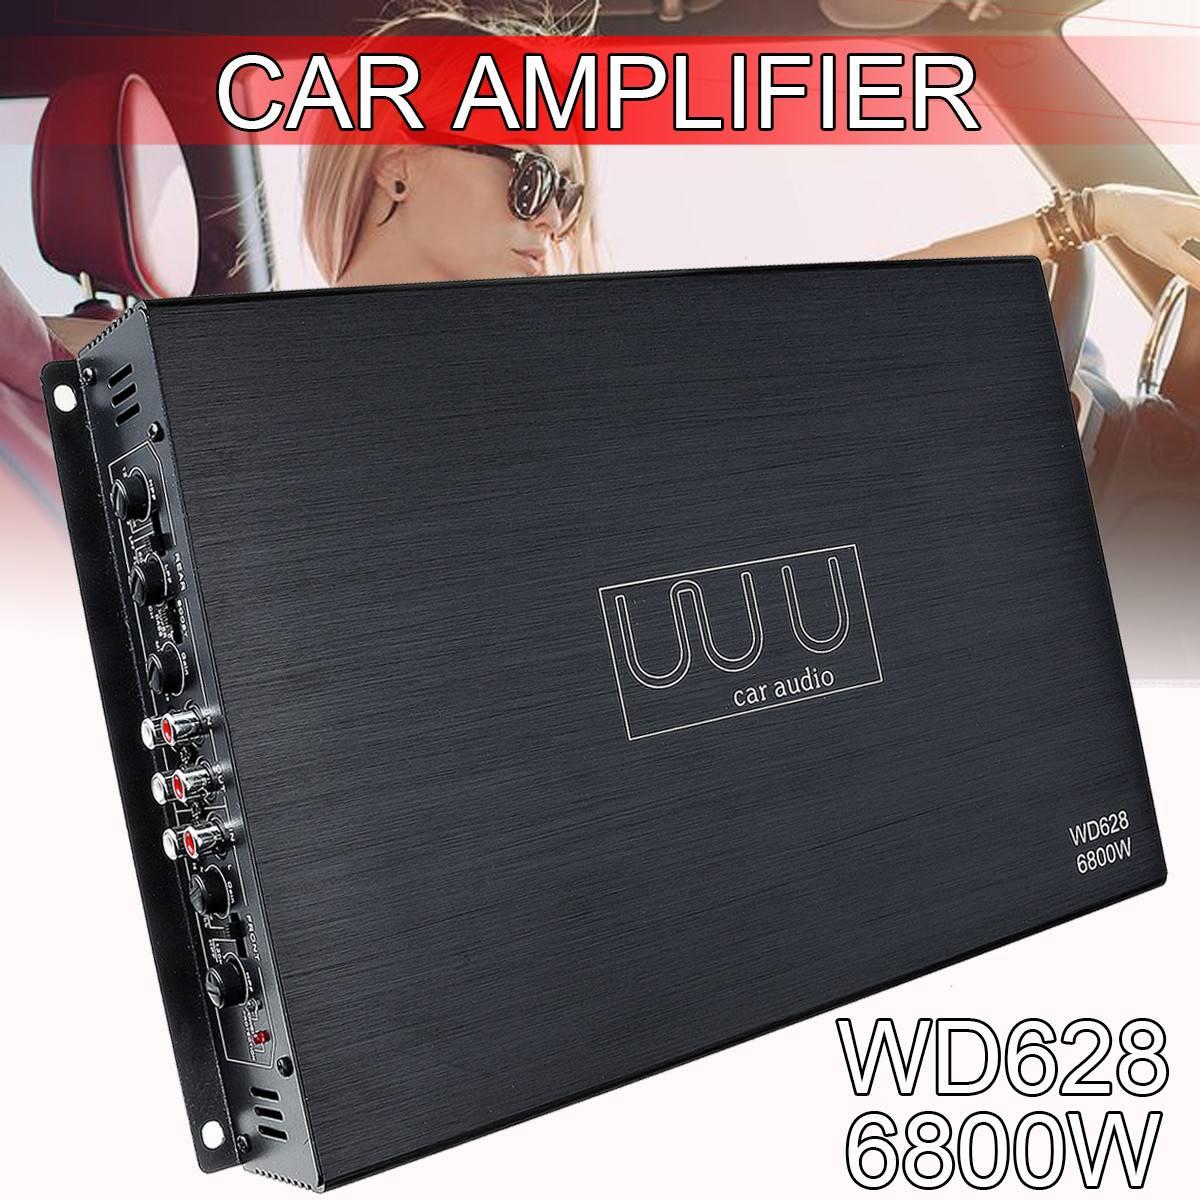 DC 12 V 6800 Вт 4-автомобильный усилитель канала аудио стерео Бас Динамик Car Audio усилители сабвуфер автомобильные аудиосистемы амфо